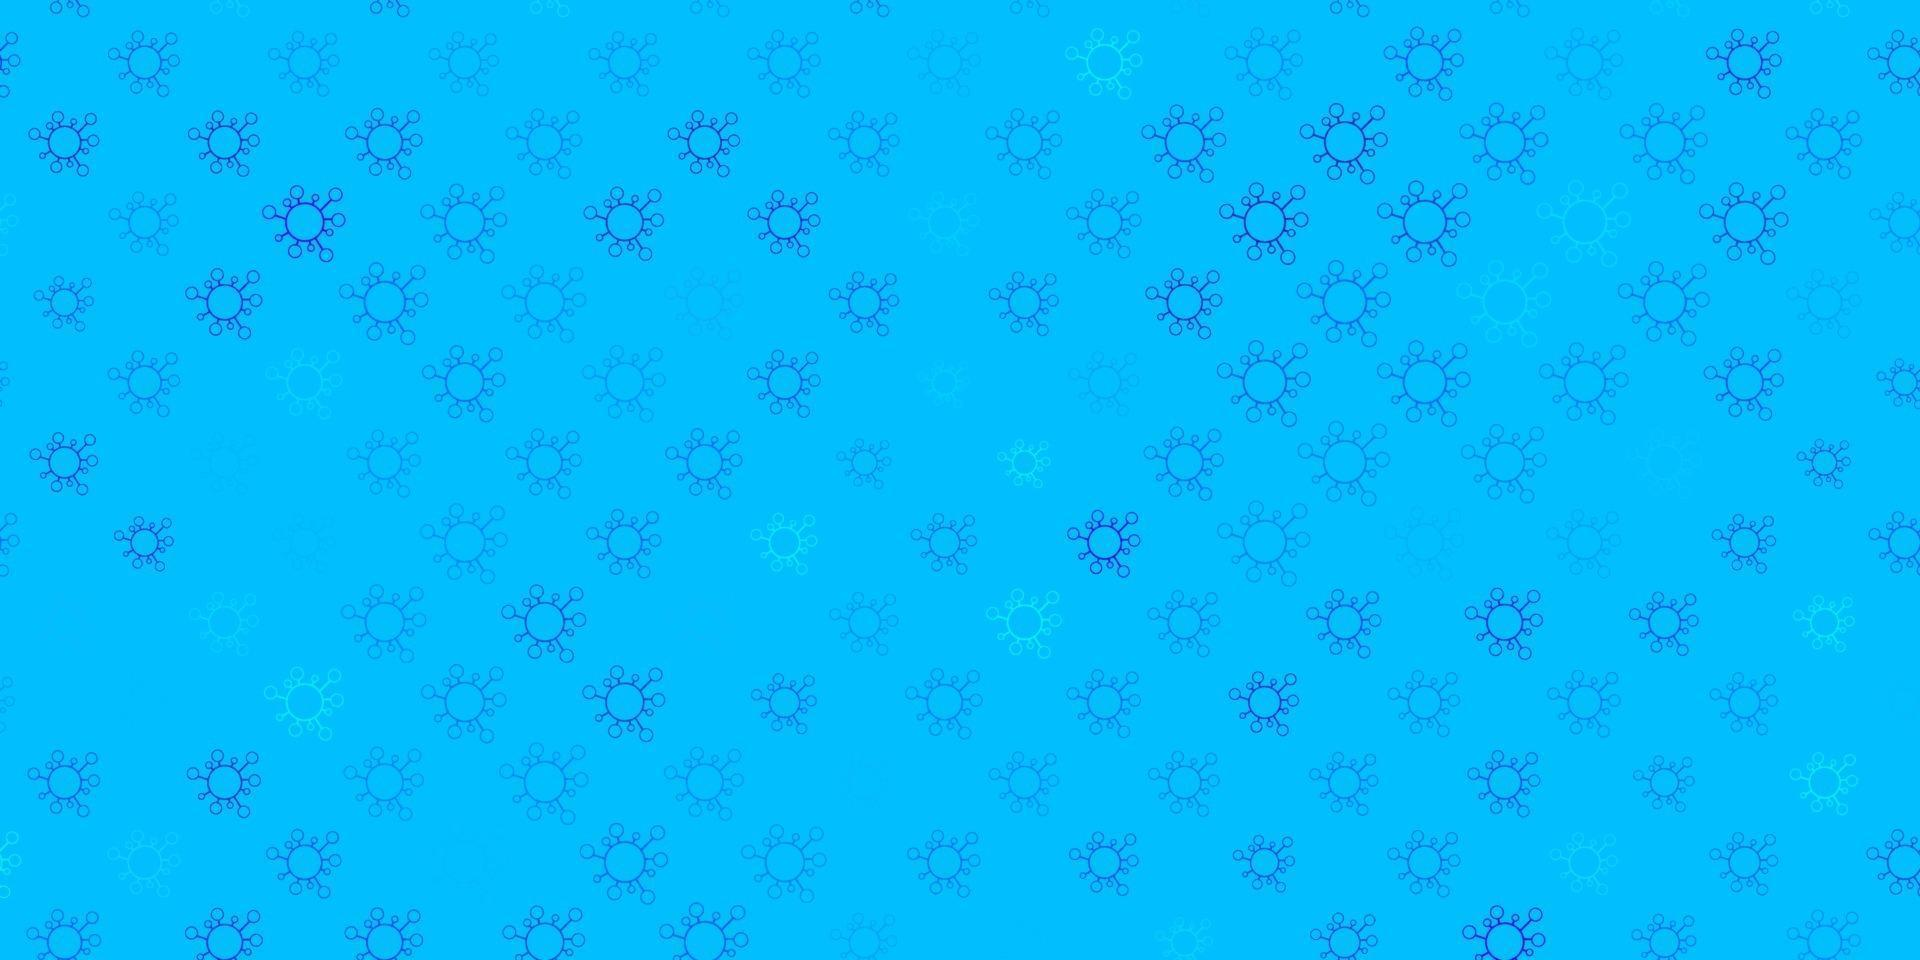 donkerblauwe, groene vectorachtergrond met covid-19 symbolen. vector